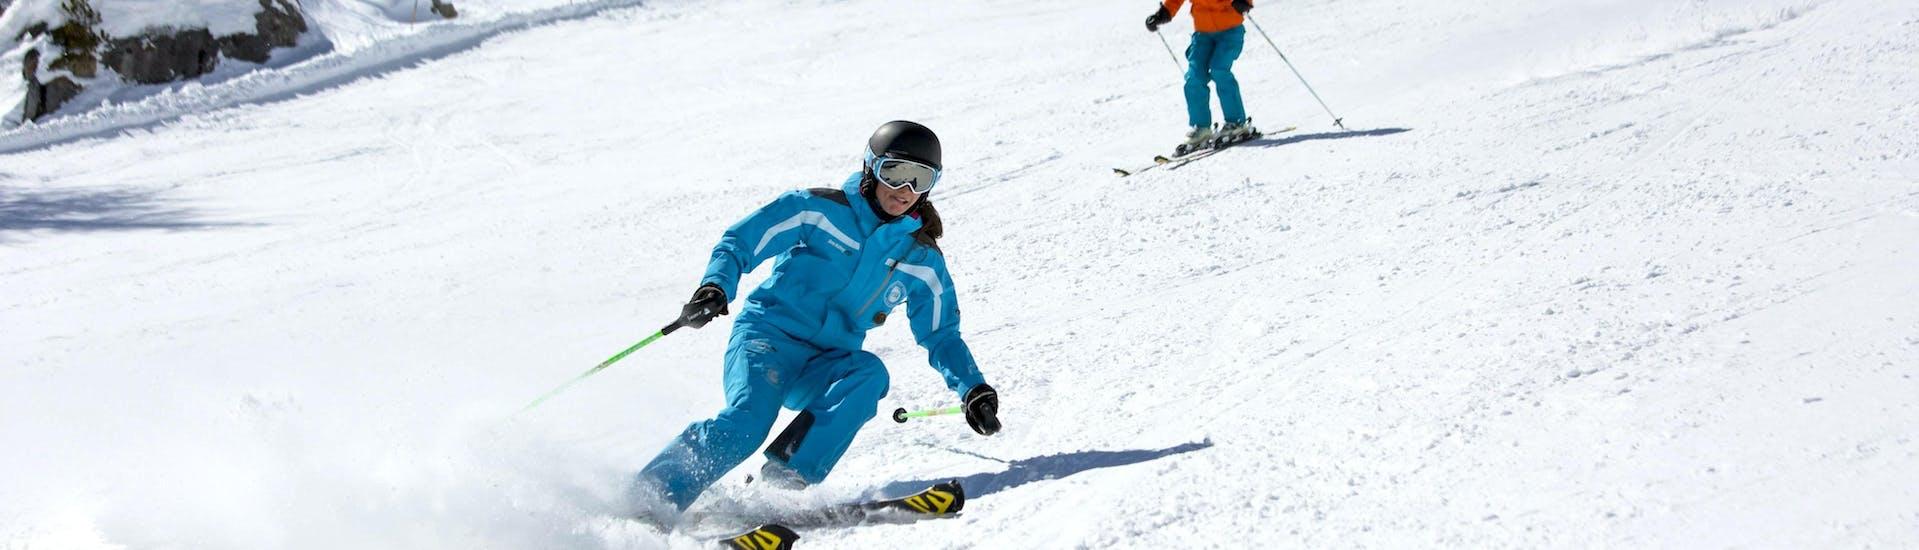 Un skieur descend une piste enneigée à la suite de son moniteur de ski de l'école de ski ESI Font Romeu pendant son Cours de ski pour Adultes - Vacances - Tous niveaux.